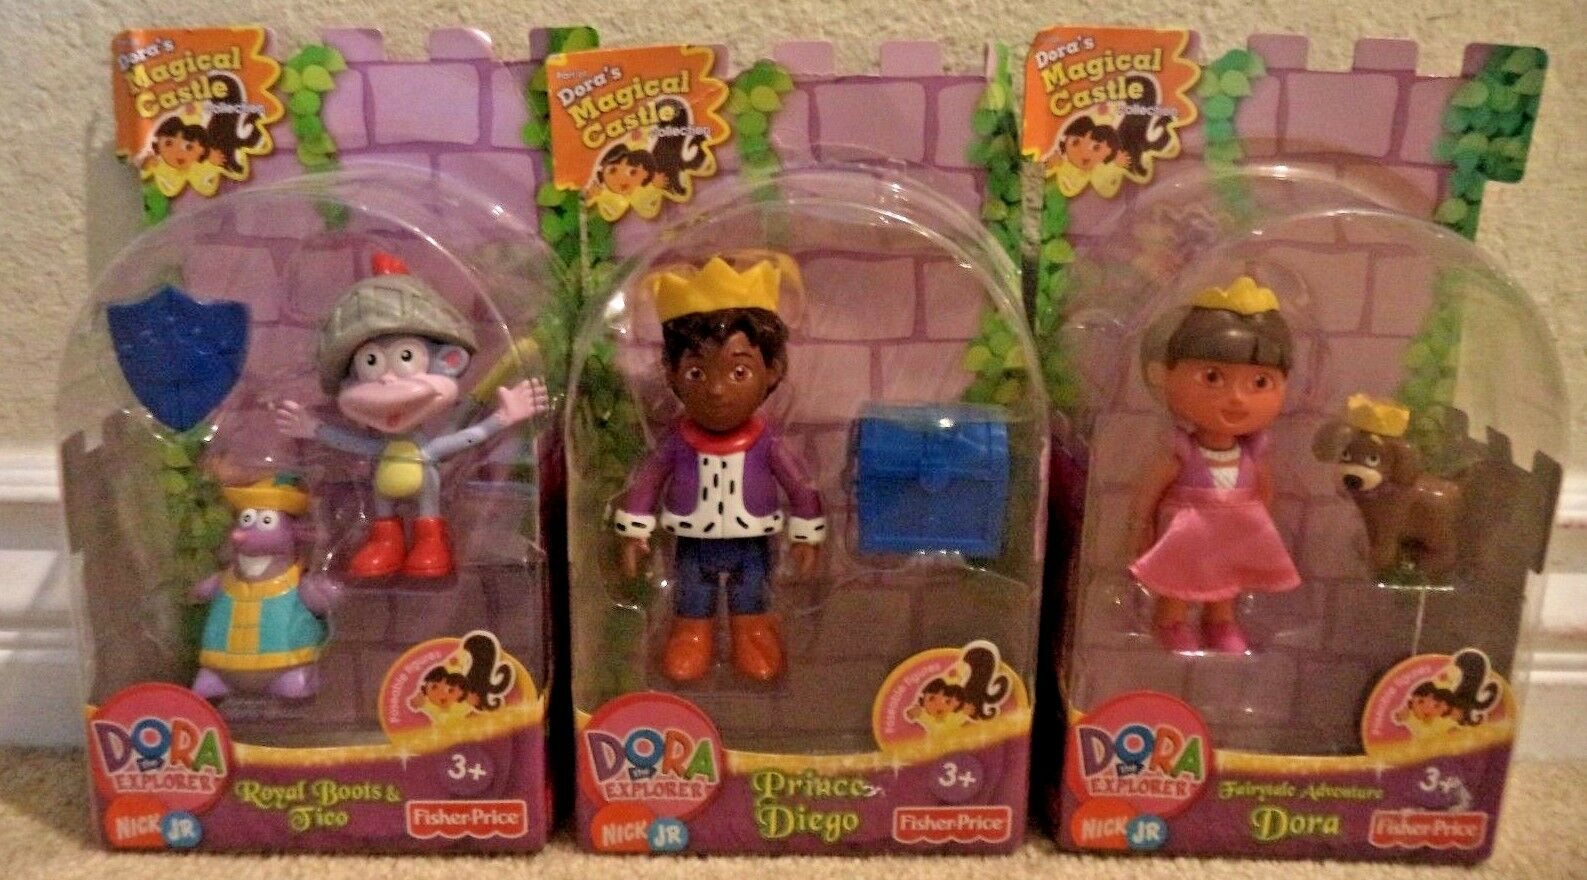 DORA THE EXPLORER MAGIC CASTLE DORA DORA DORA DIEGO BOOTS TICO 2008 NEW cca2fe